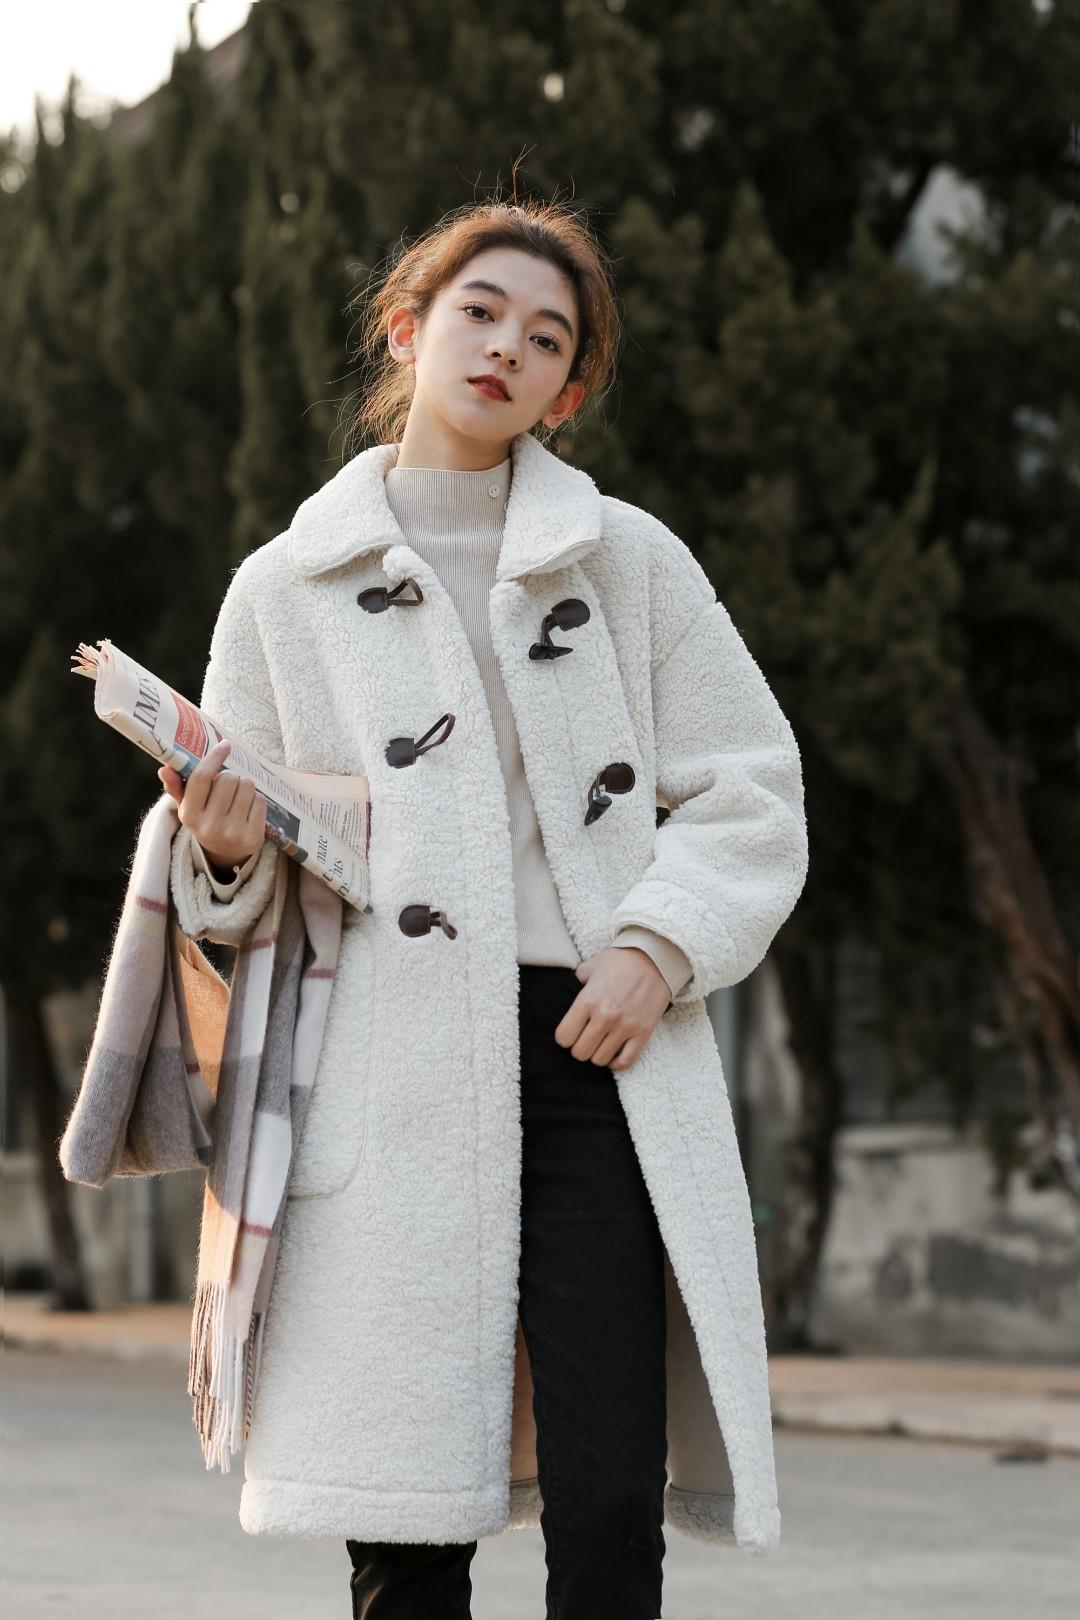 #备战双十二!这些外套必囤!#中长款羊羔毛外套就是秋冬的宝藏🤩,颗粒感满满的绒毛又软又舒服😘,学院风牛角扣门襟设计减龄俏皮感😋,中长款在臃肿的冬天保证风度和温度🔥